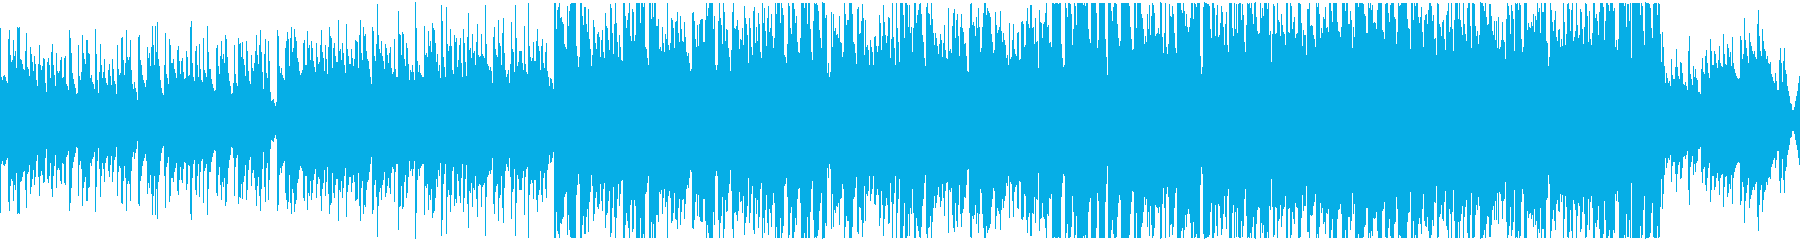 アコギから盛り上がるループ曲の再生済みの波形